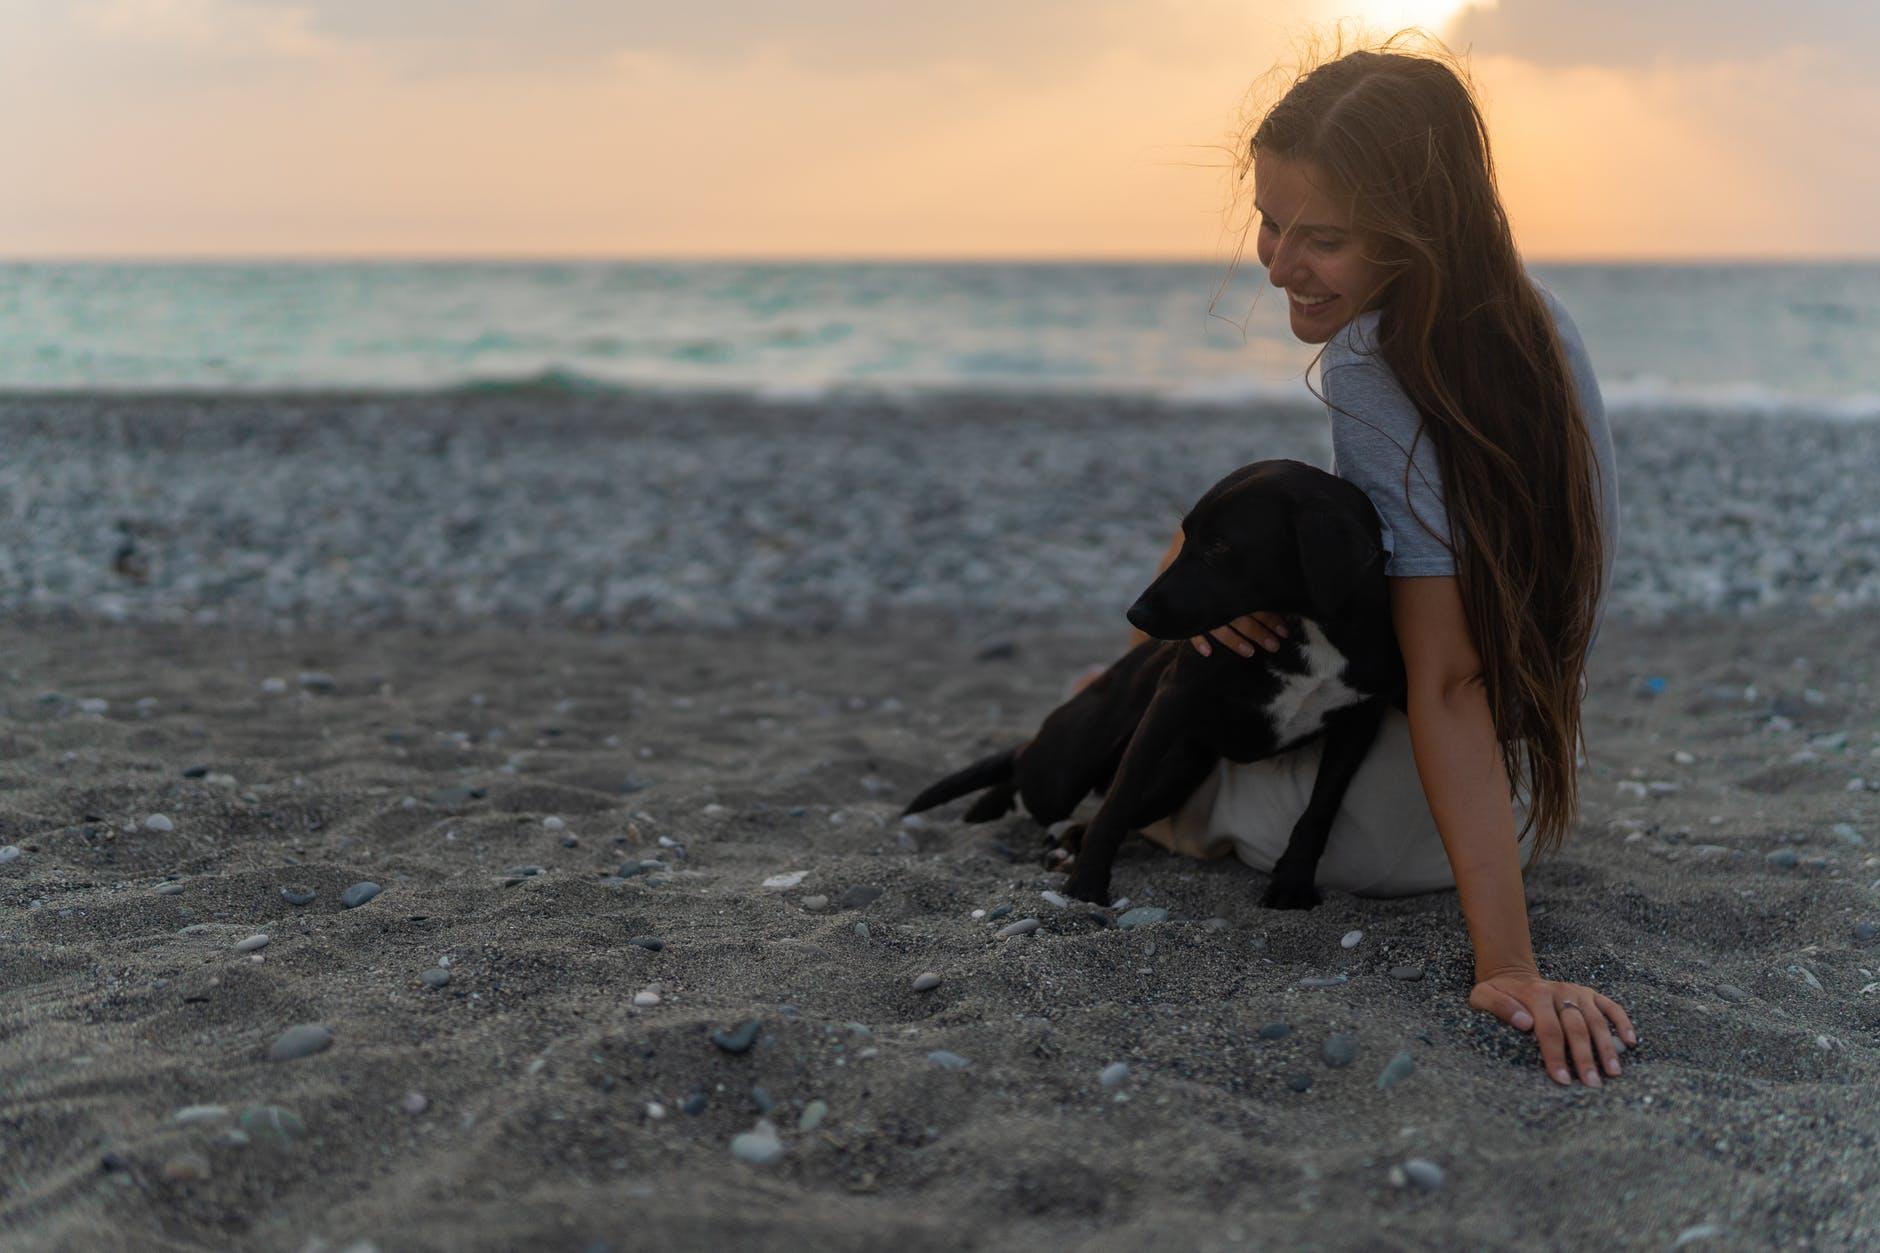 Mascota en la playa -Documentos necesarios para viajar con mascota